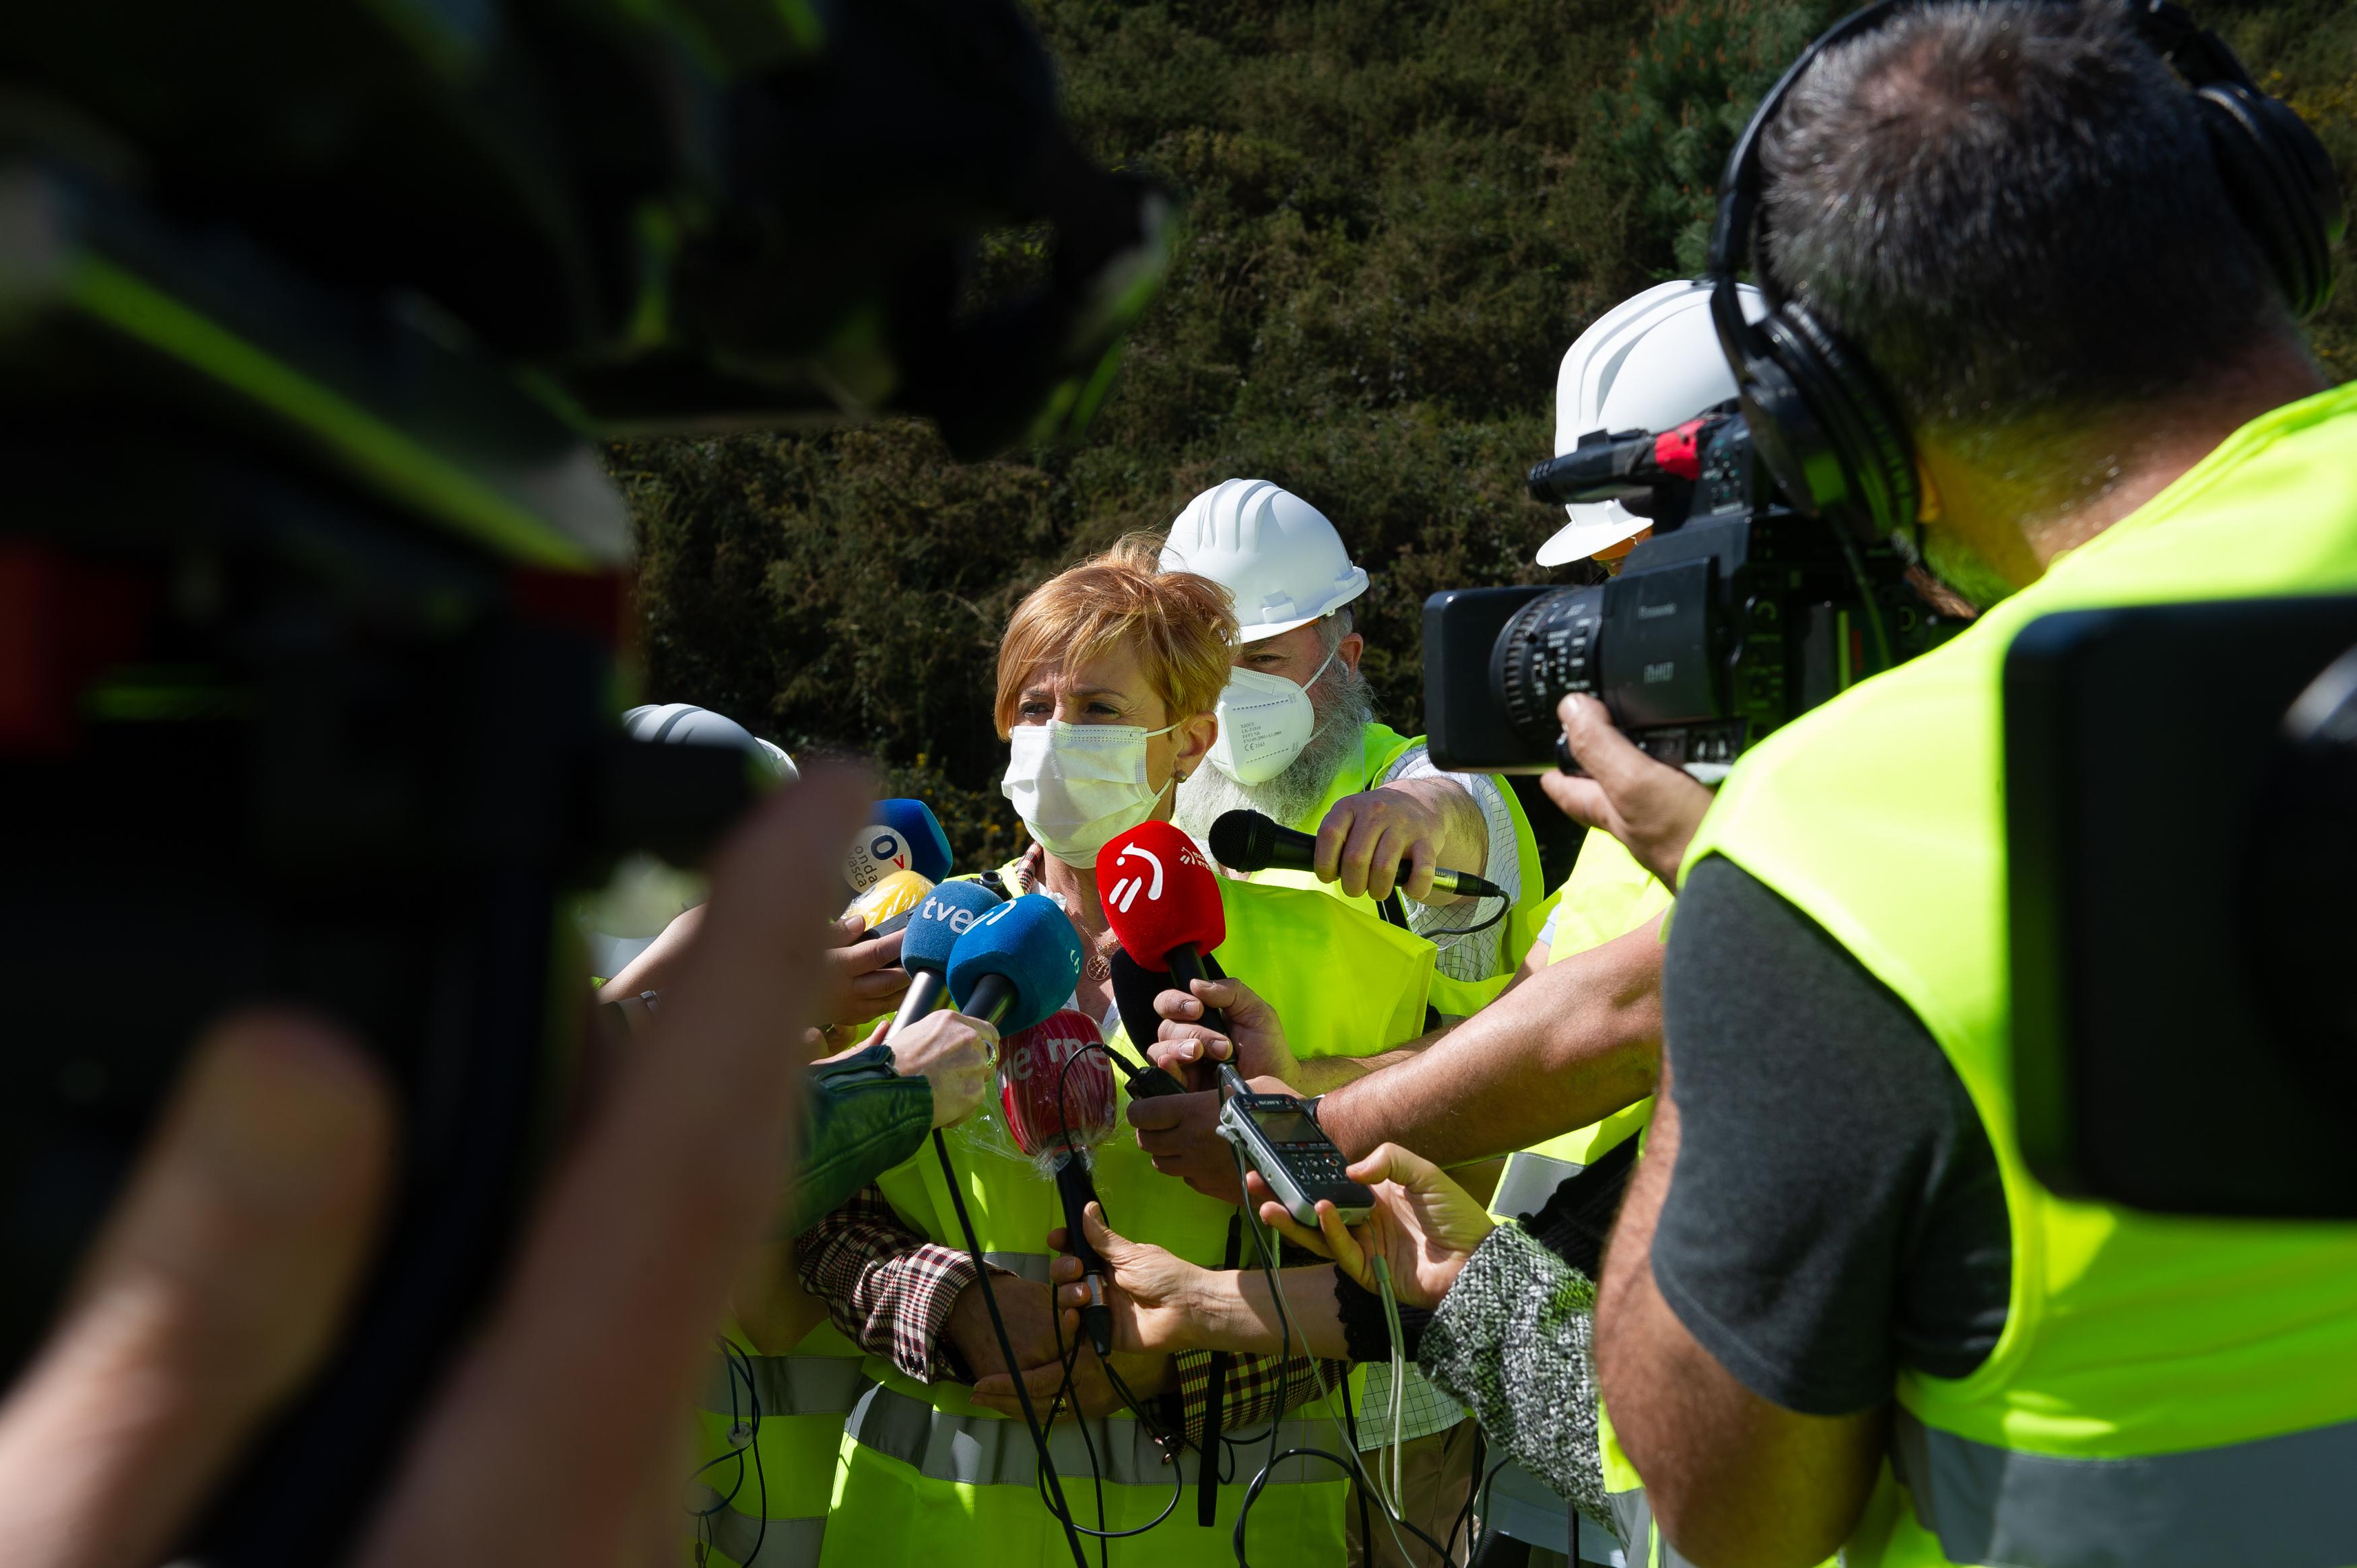 """Tapia, Euskaltelen  EEPaz: """"Operazio honek Euskadi digitalizazio eta telekomunikazio arloetan kokatzeko balio izango duelakoan gaude"""" [3:24]"""